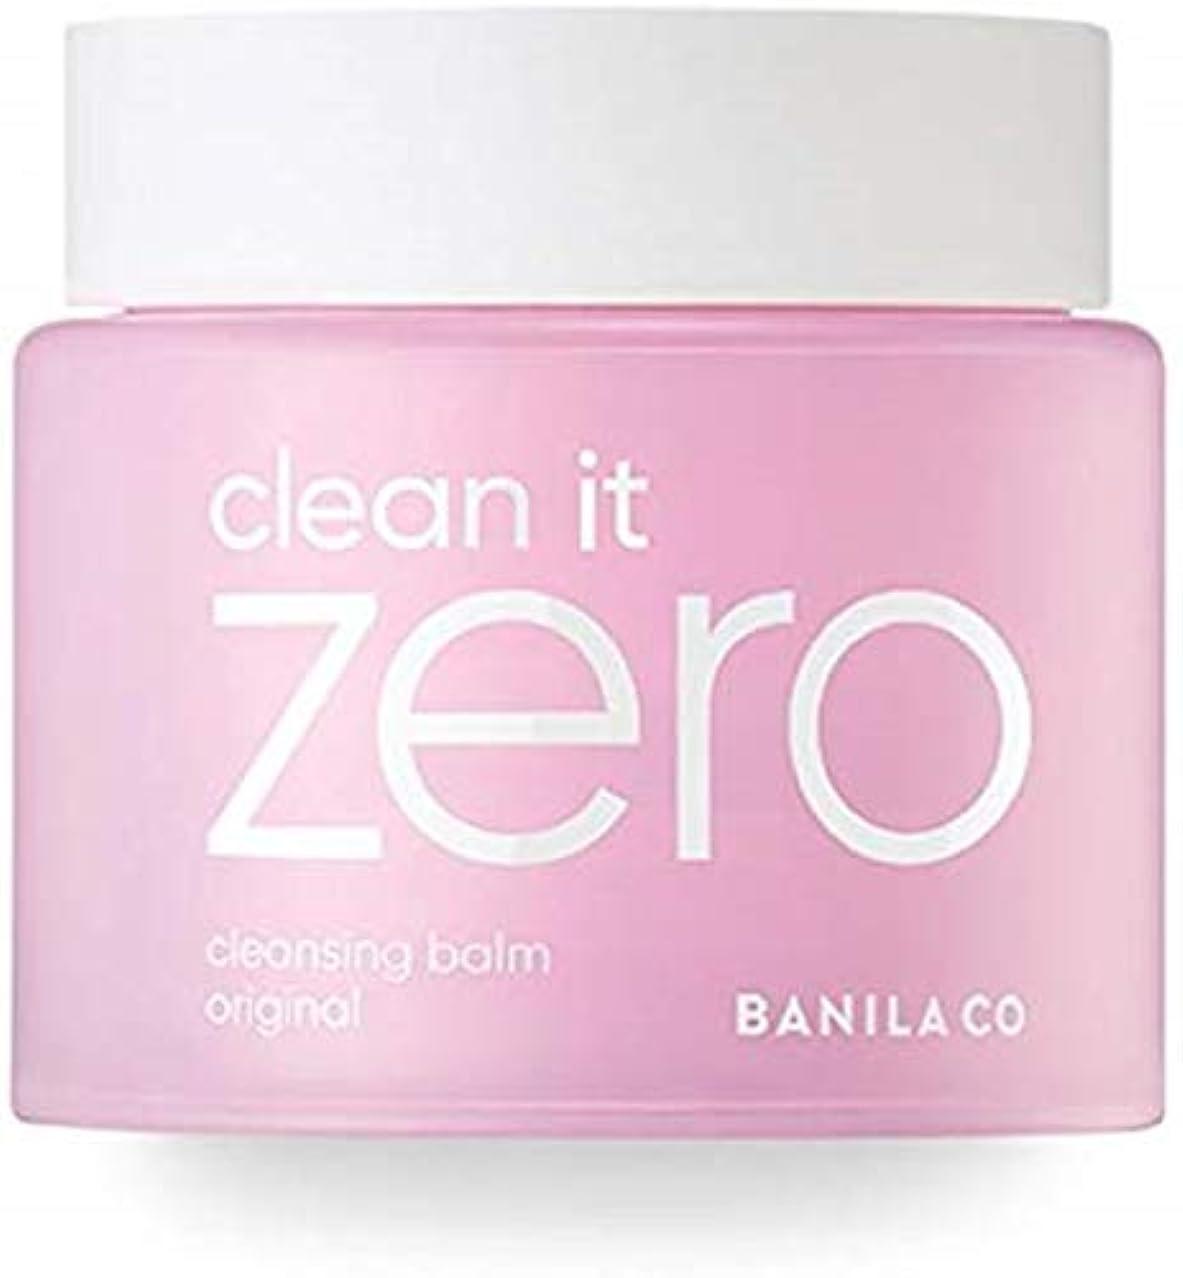 形収束ファウルBanila co(バニラコー)clean it Zero クリーンイットゼロ 大容量 180ml(刺激のないシャーベットジェルタイプのクレンジング)